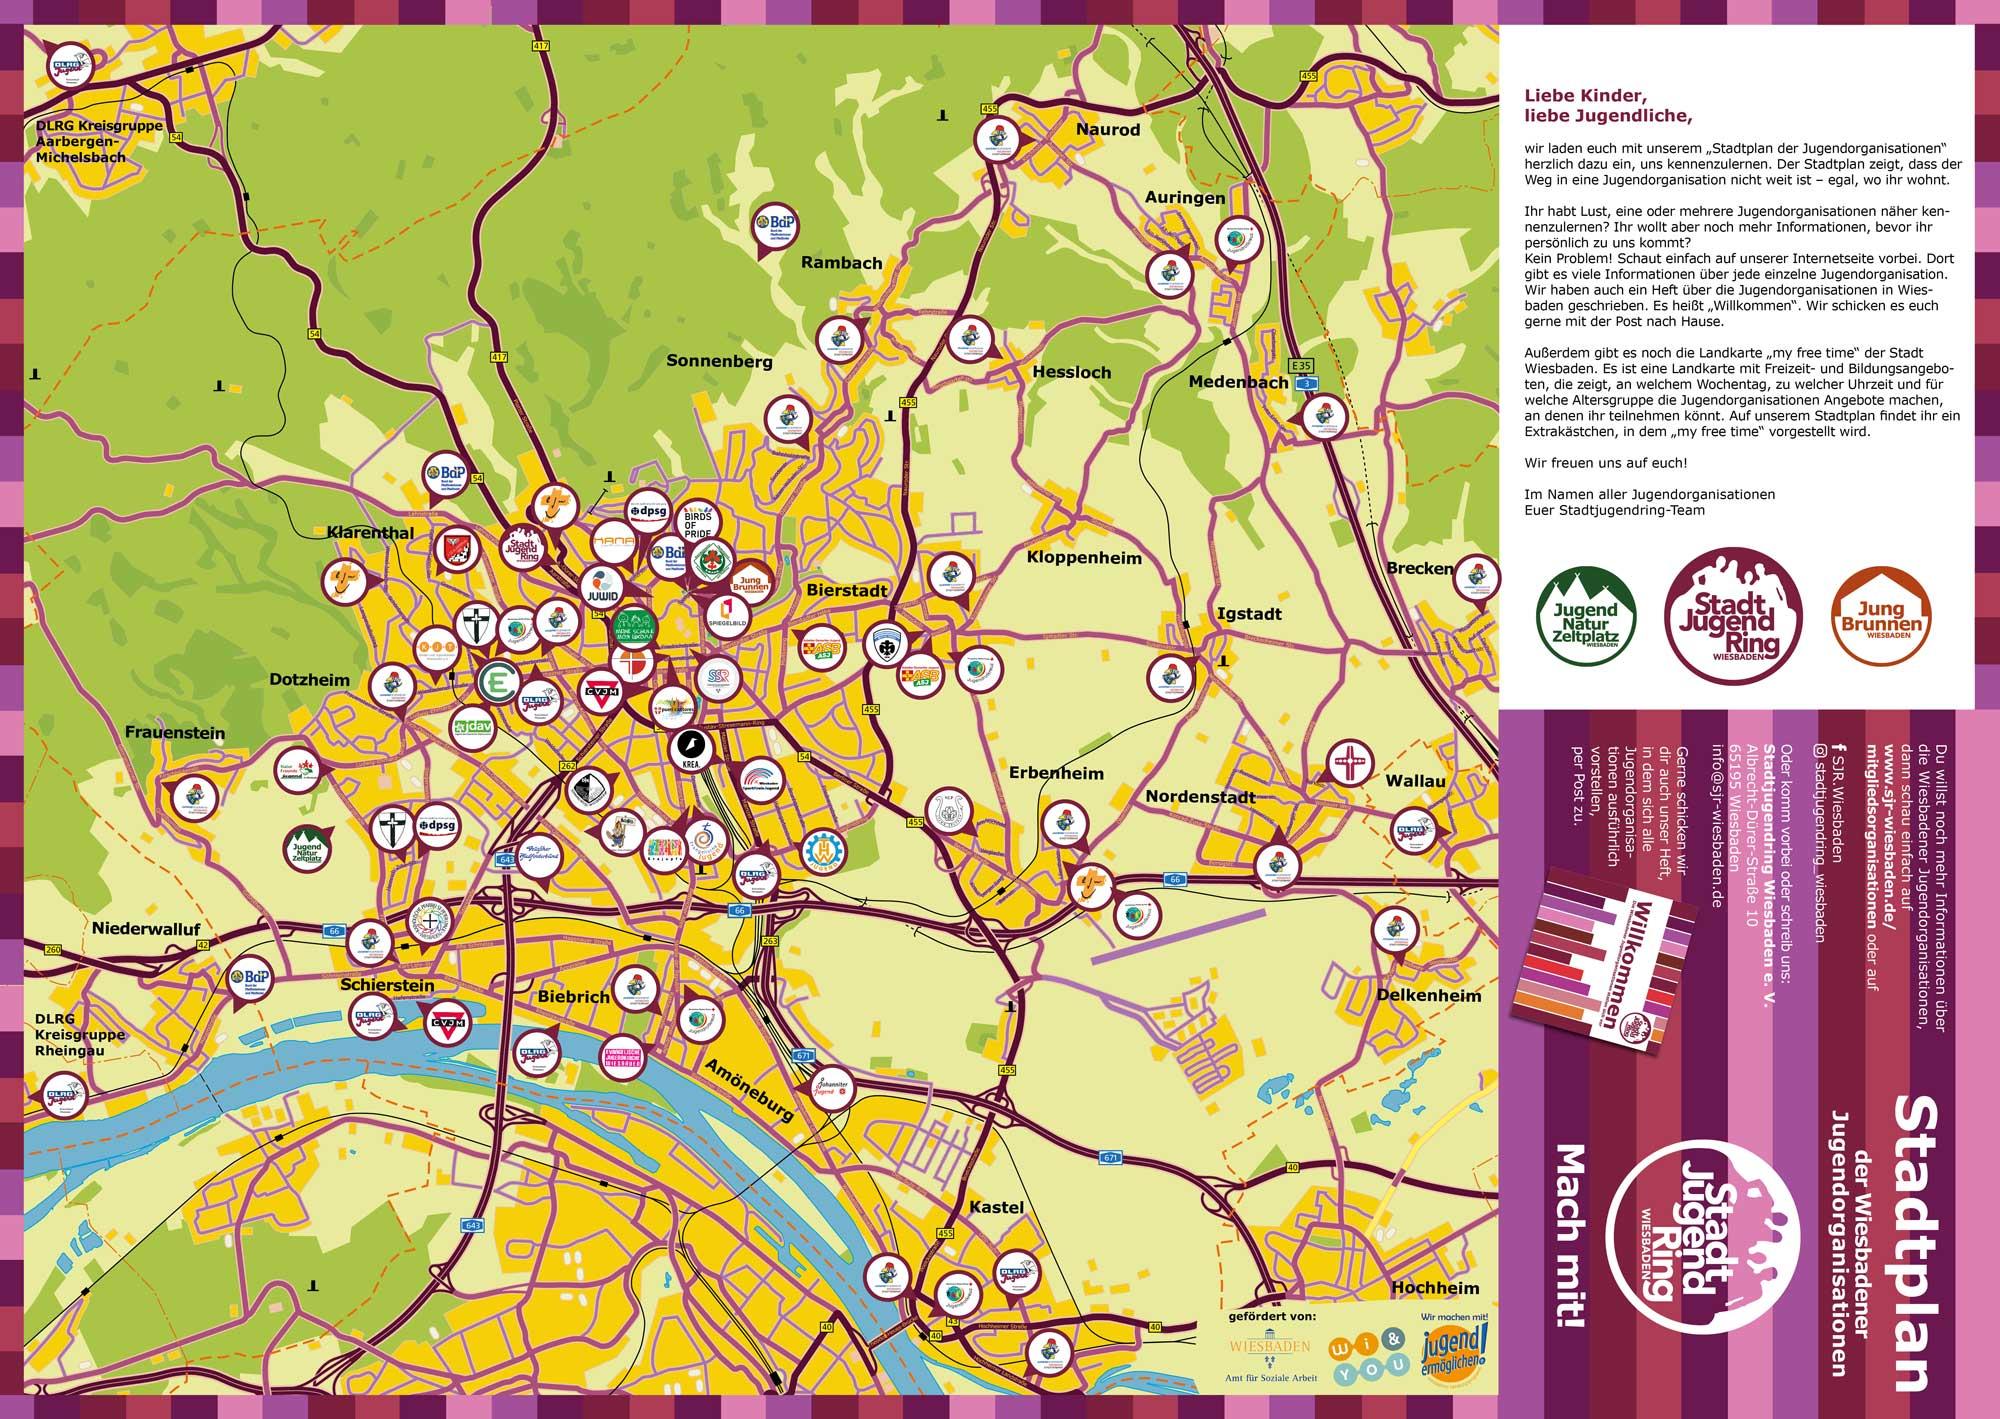 Stadtplan der Jugendorganisationen Wiesbaden